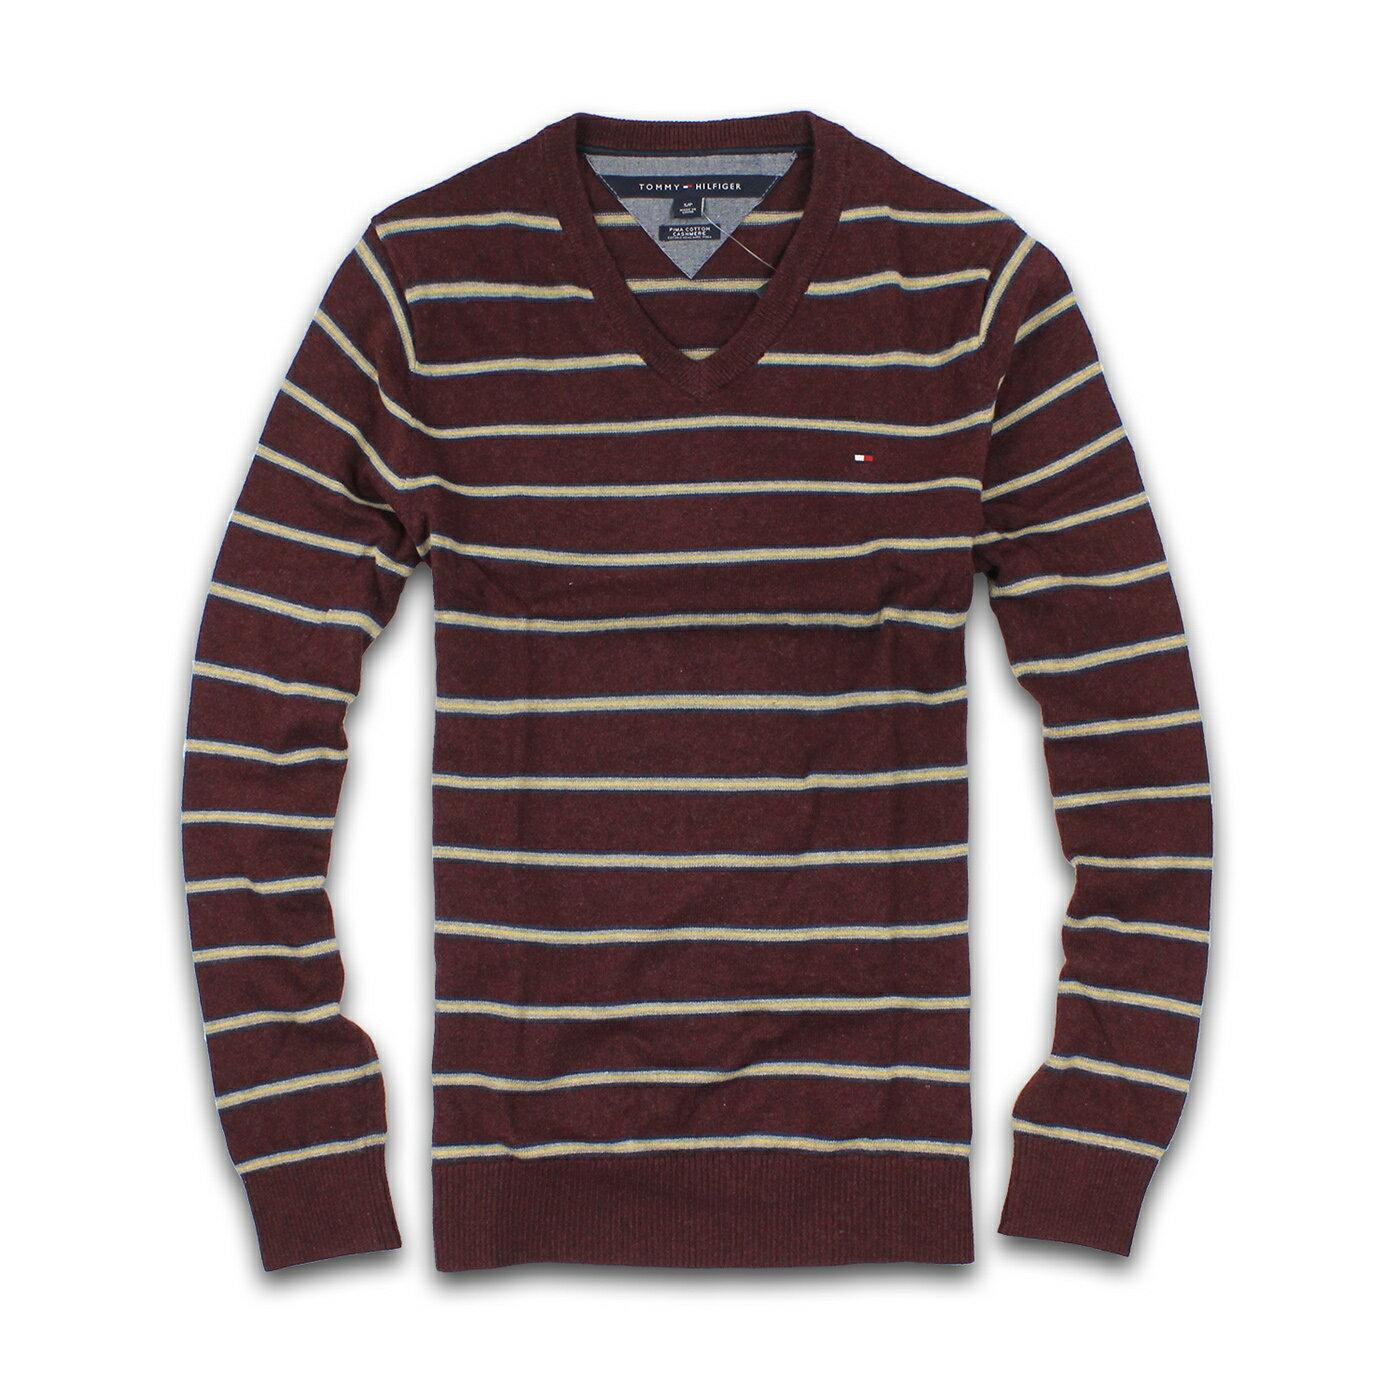 美國百分百【全新真品 】Tommy Hilfiger 針織衫 TH 線衫 上衣 酒紅 條紋 V領 毛衣 專櫃款 S號 F302